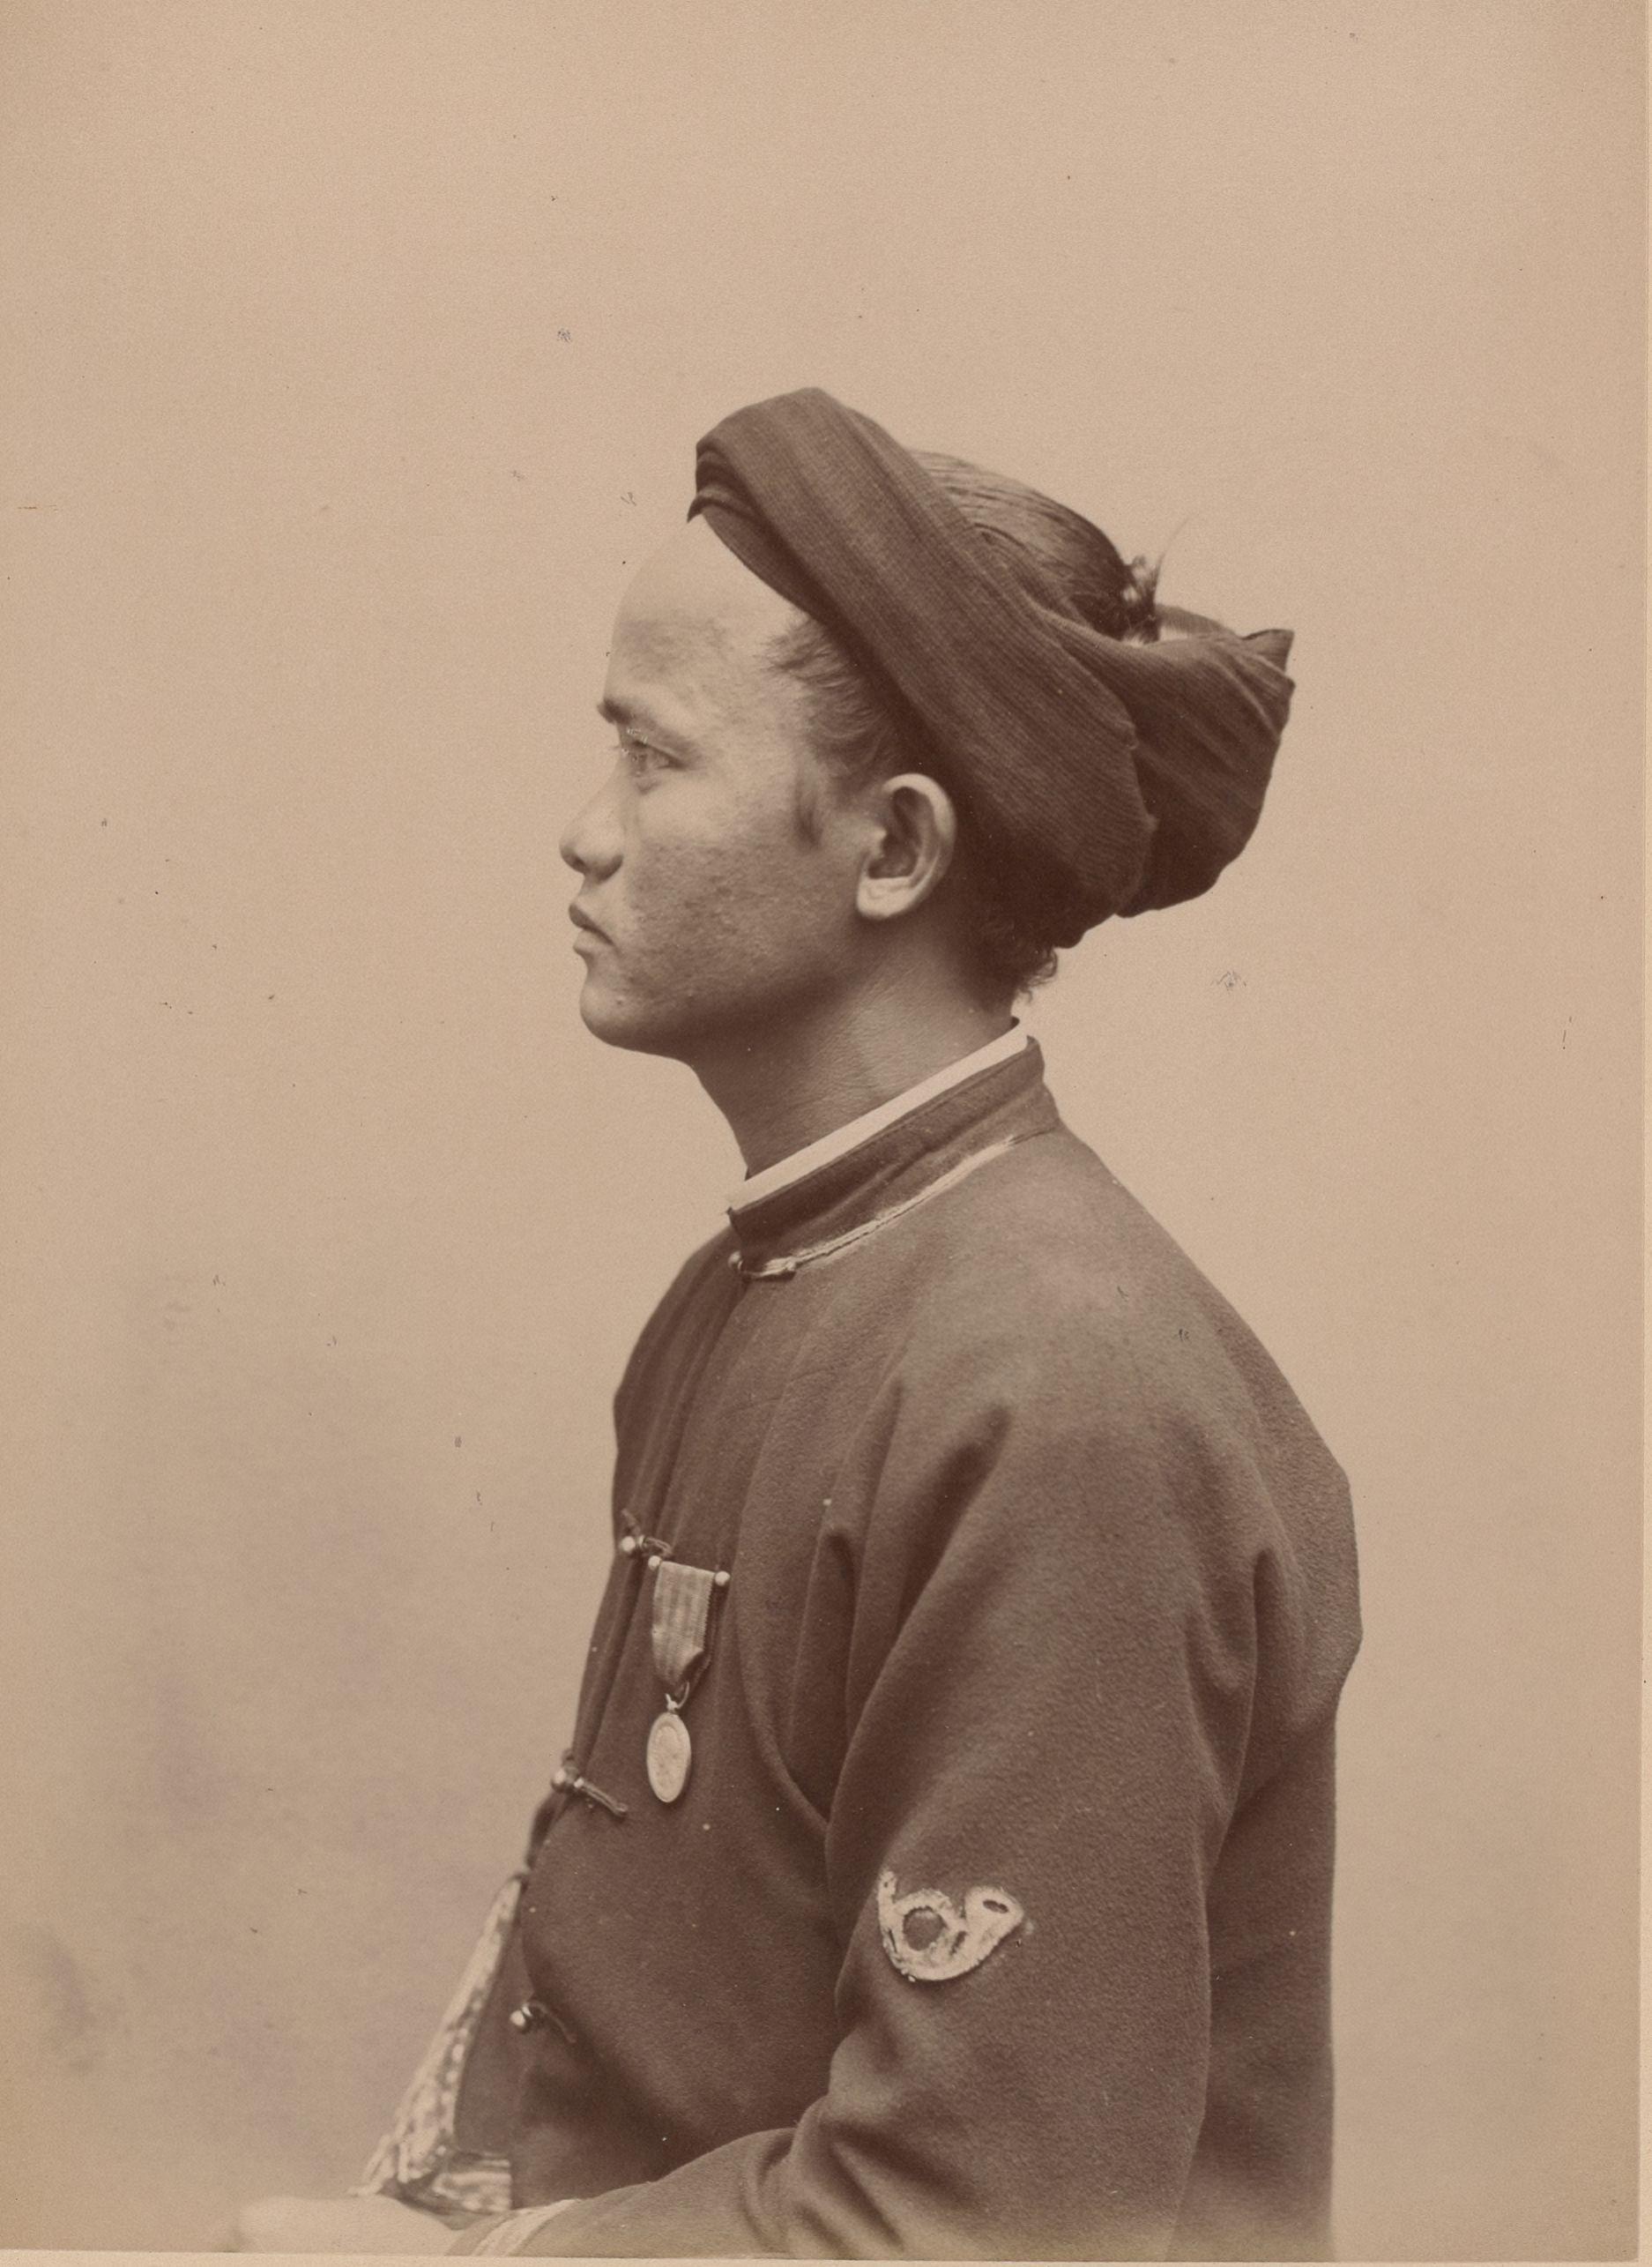 Кэм, 28 лет, родился в Сайгоне (профиль)